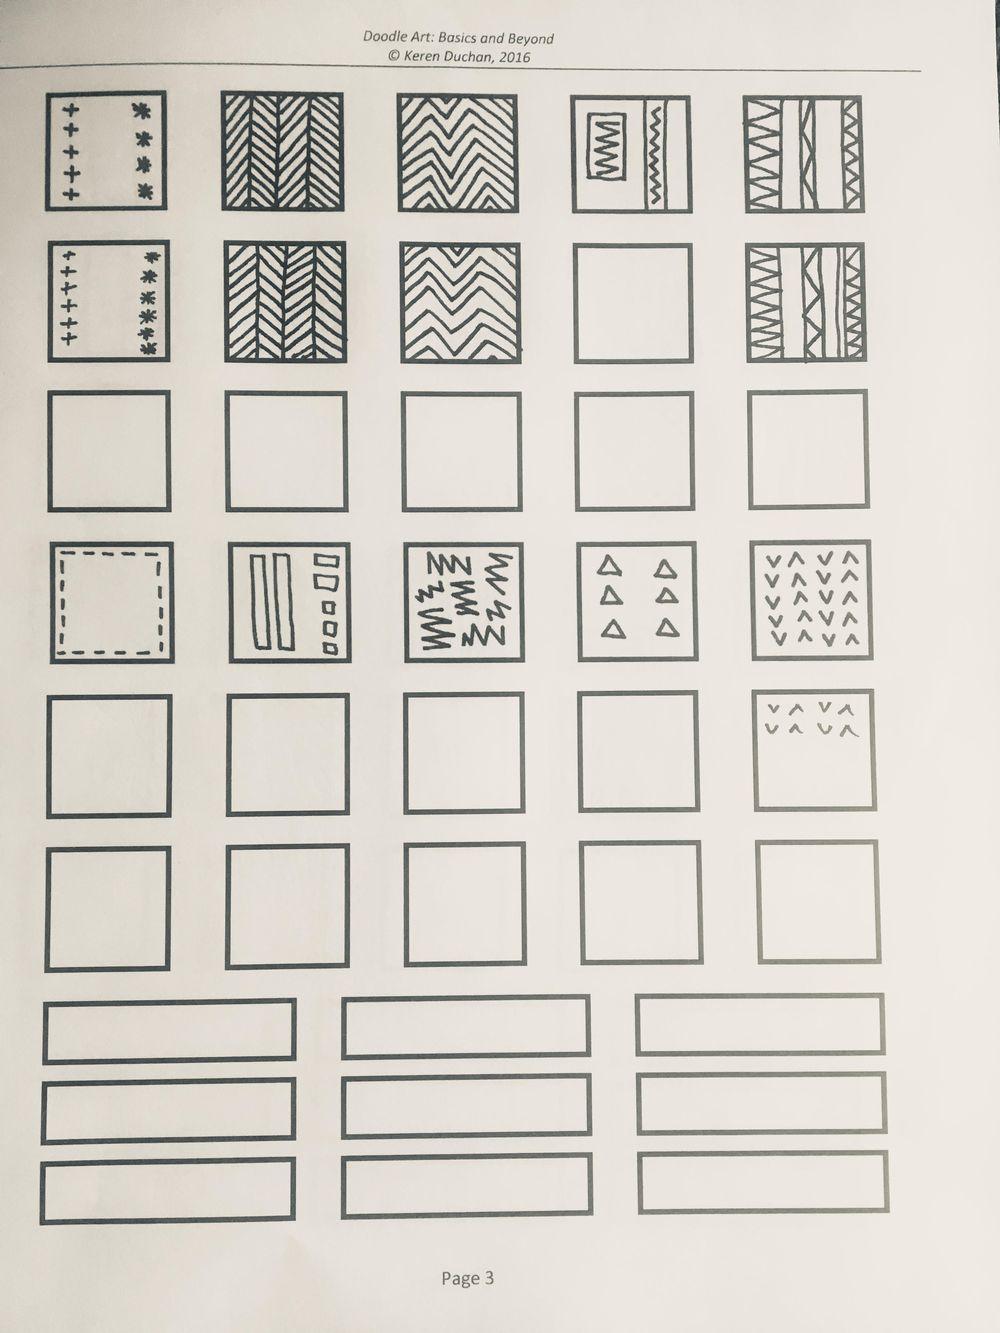 Seun's doodles - image 3 - student project